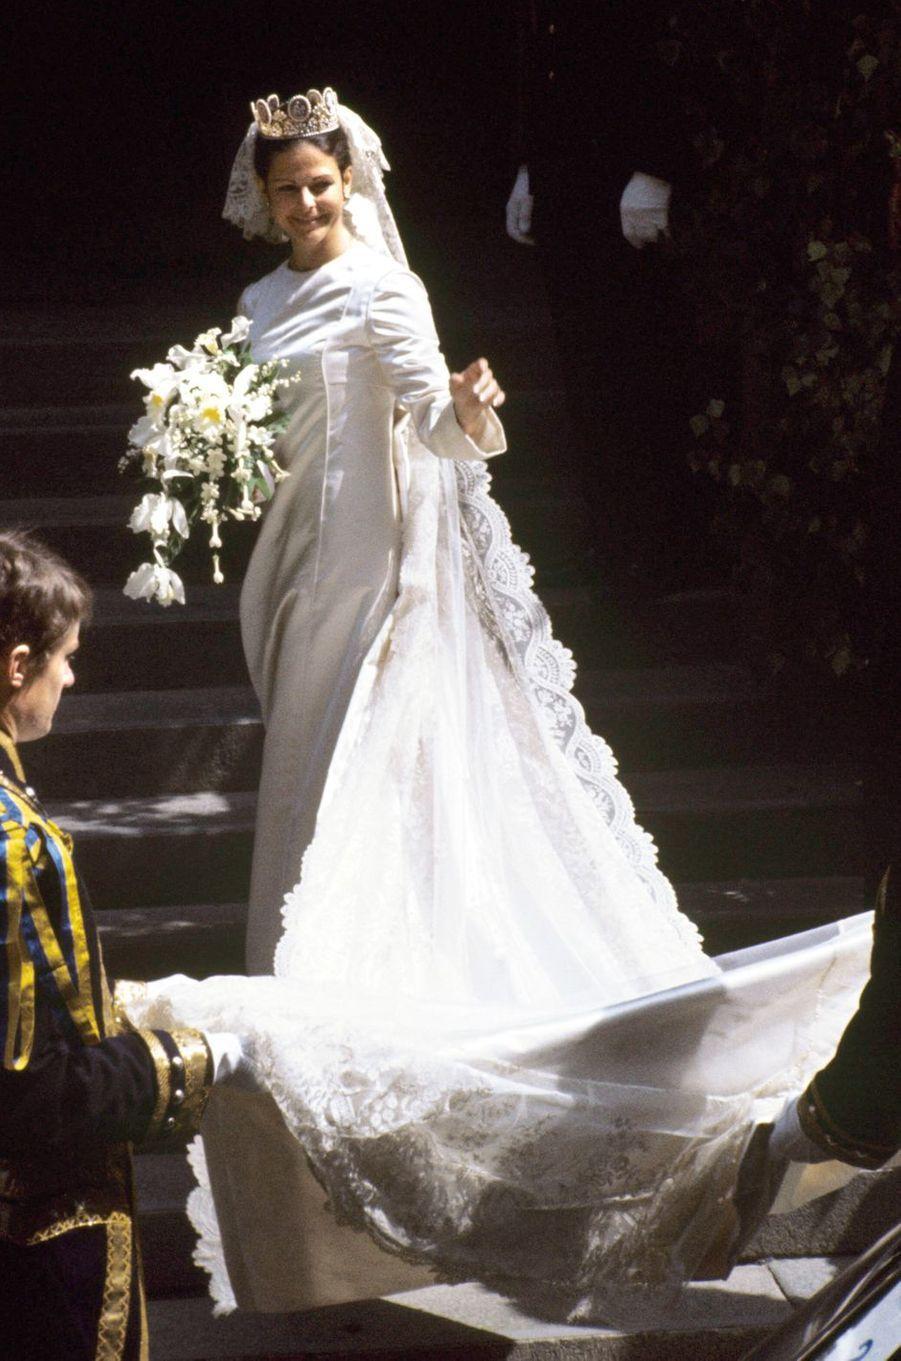 La reine Silvia de Suède le jour de son mariage le 19 juin 1976